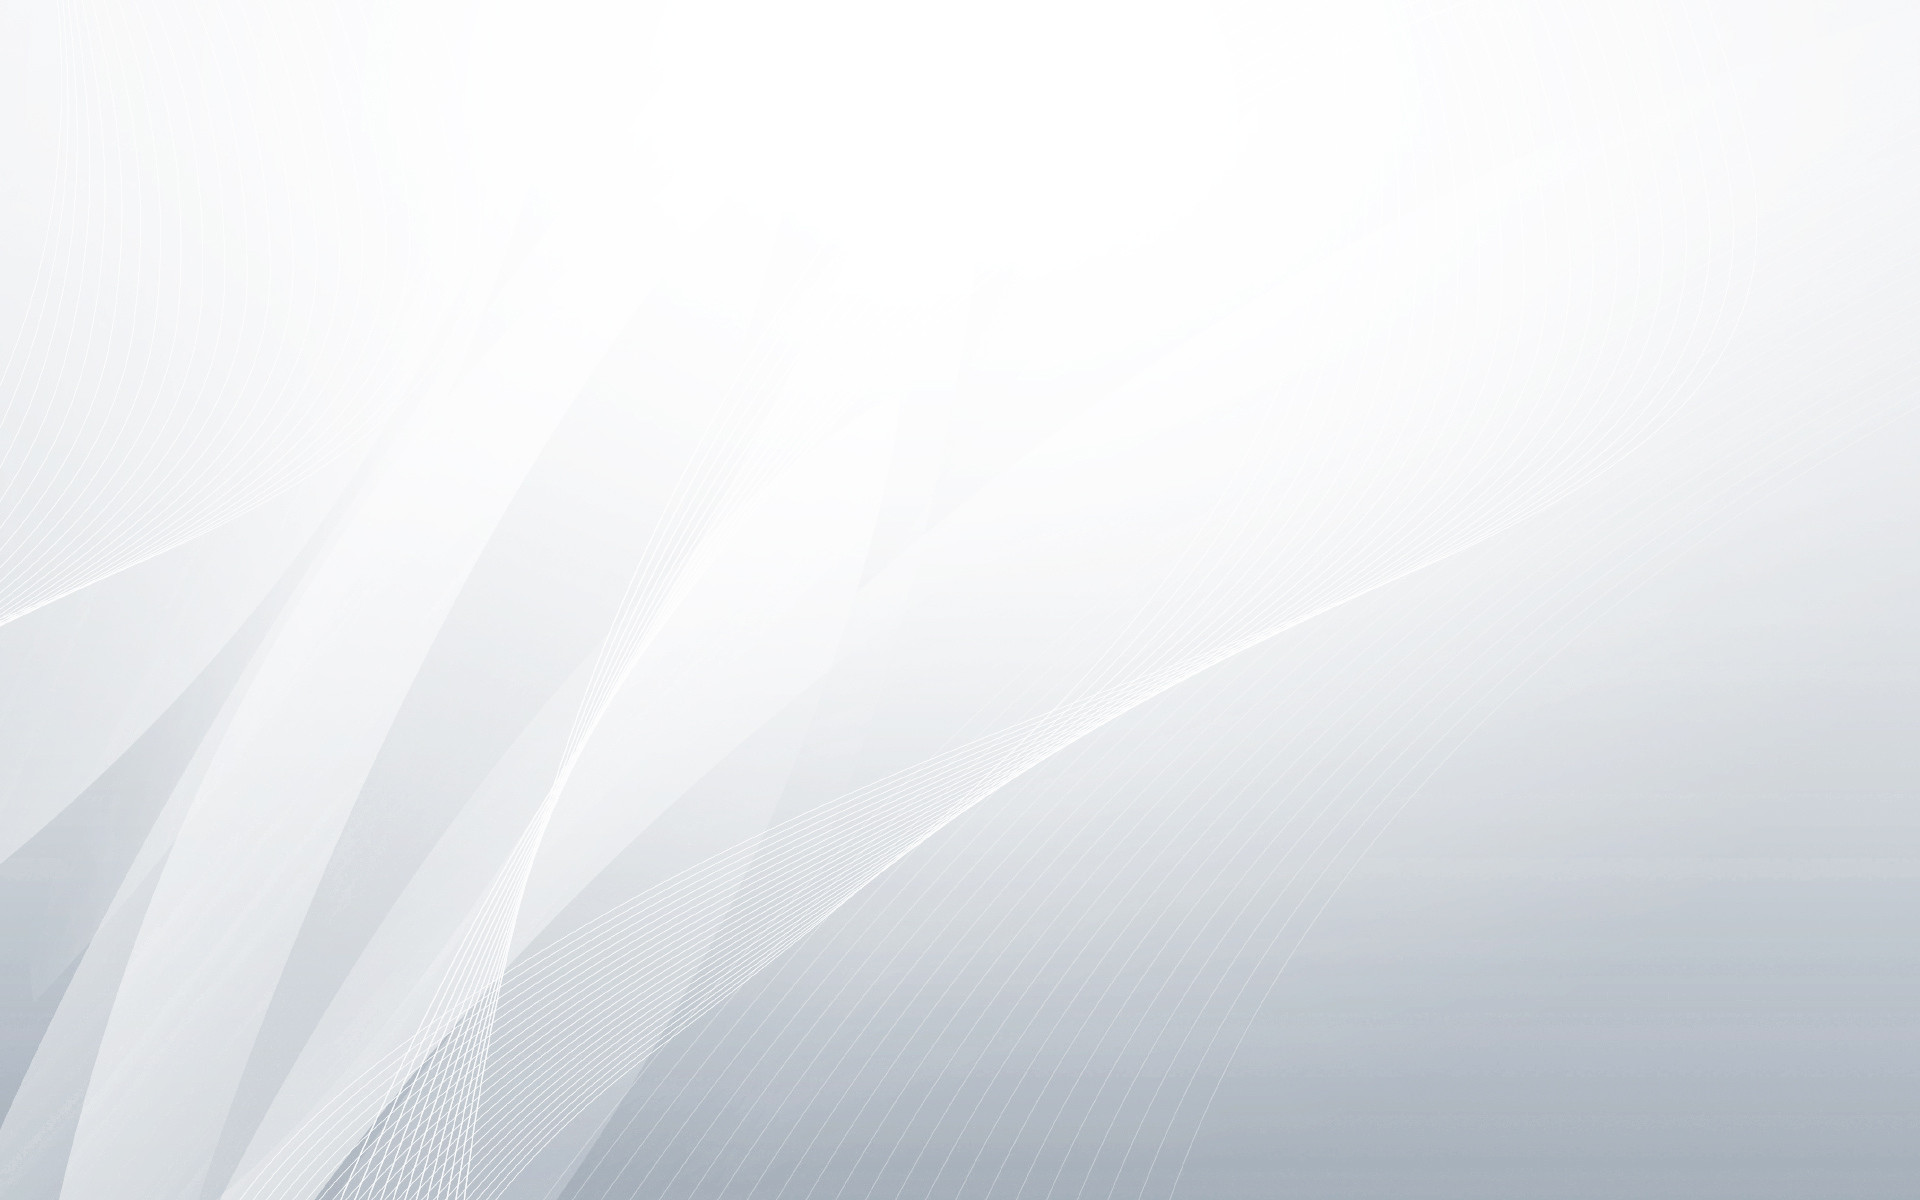 Excellent Wallpaper Gray Bars Opera